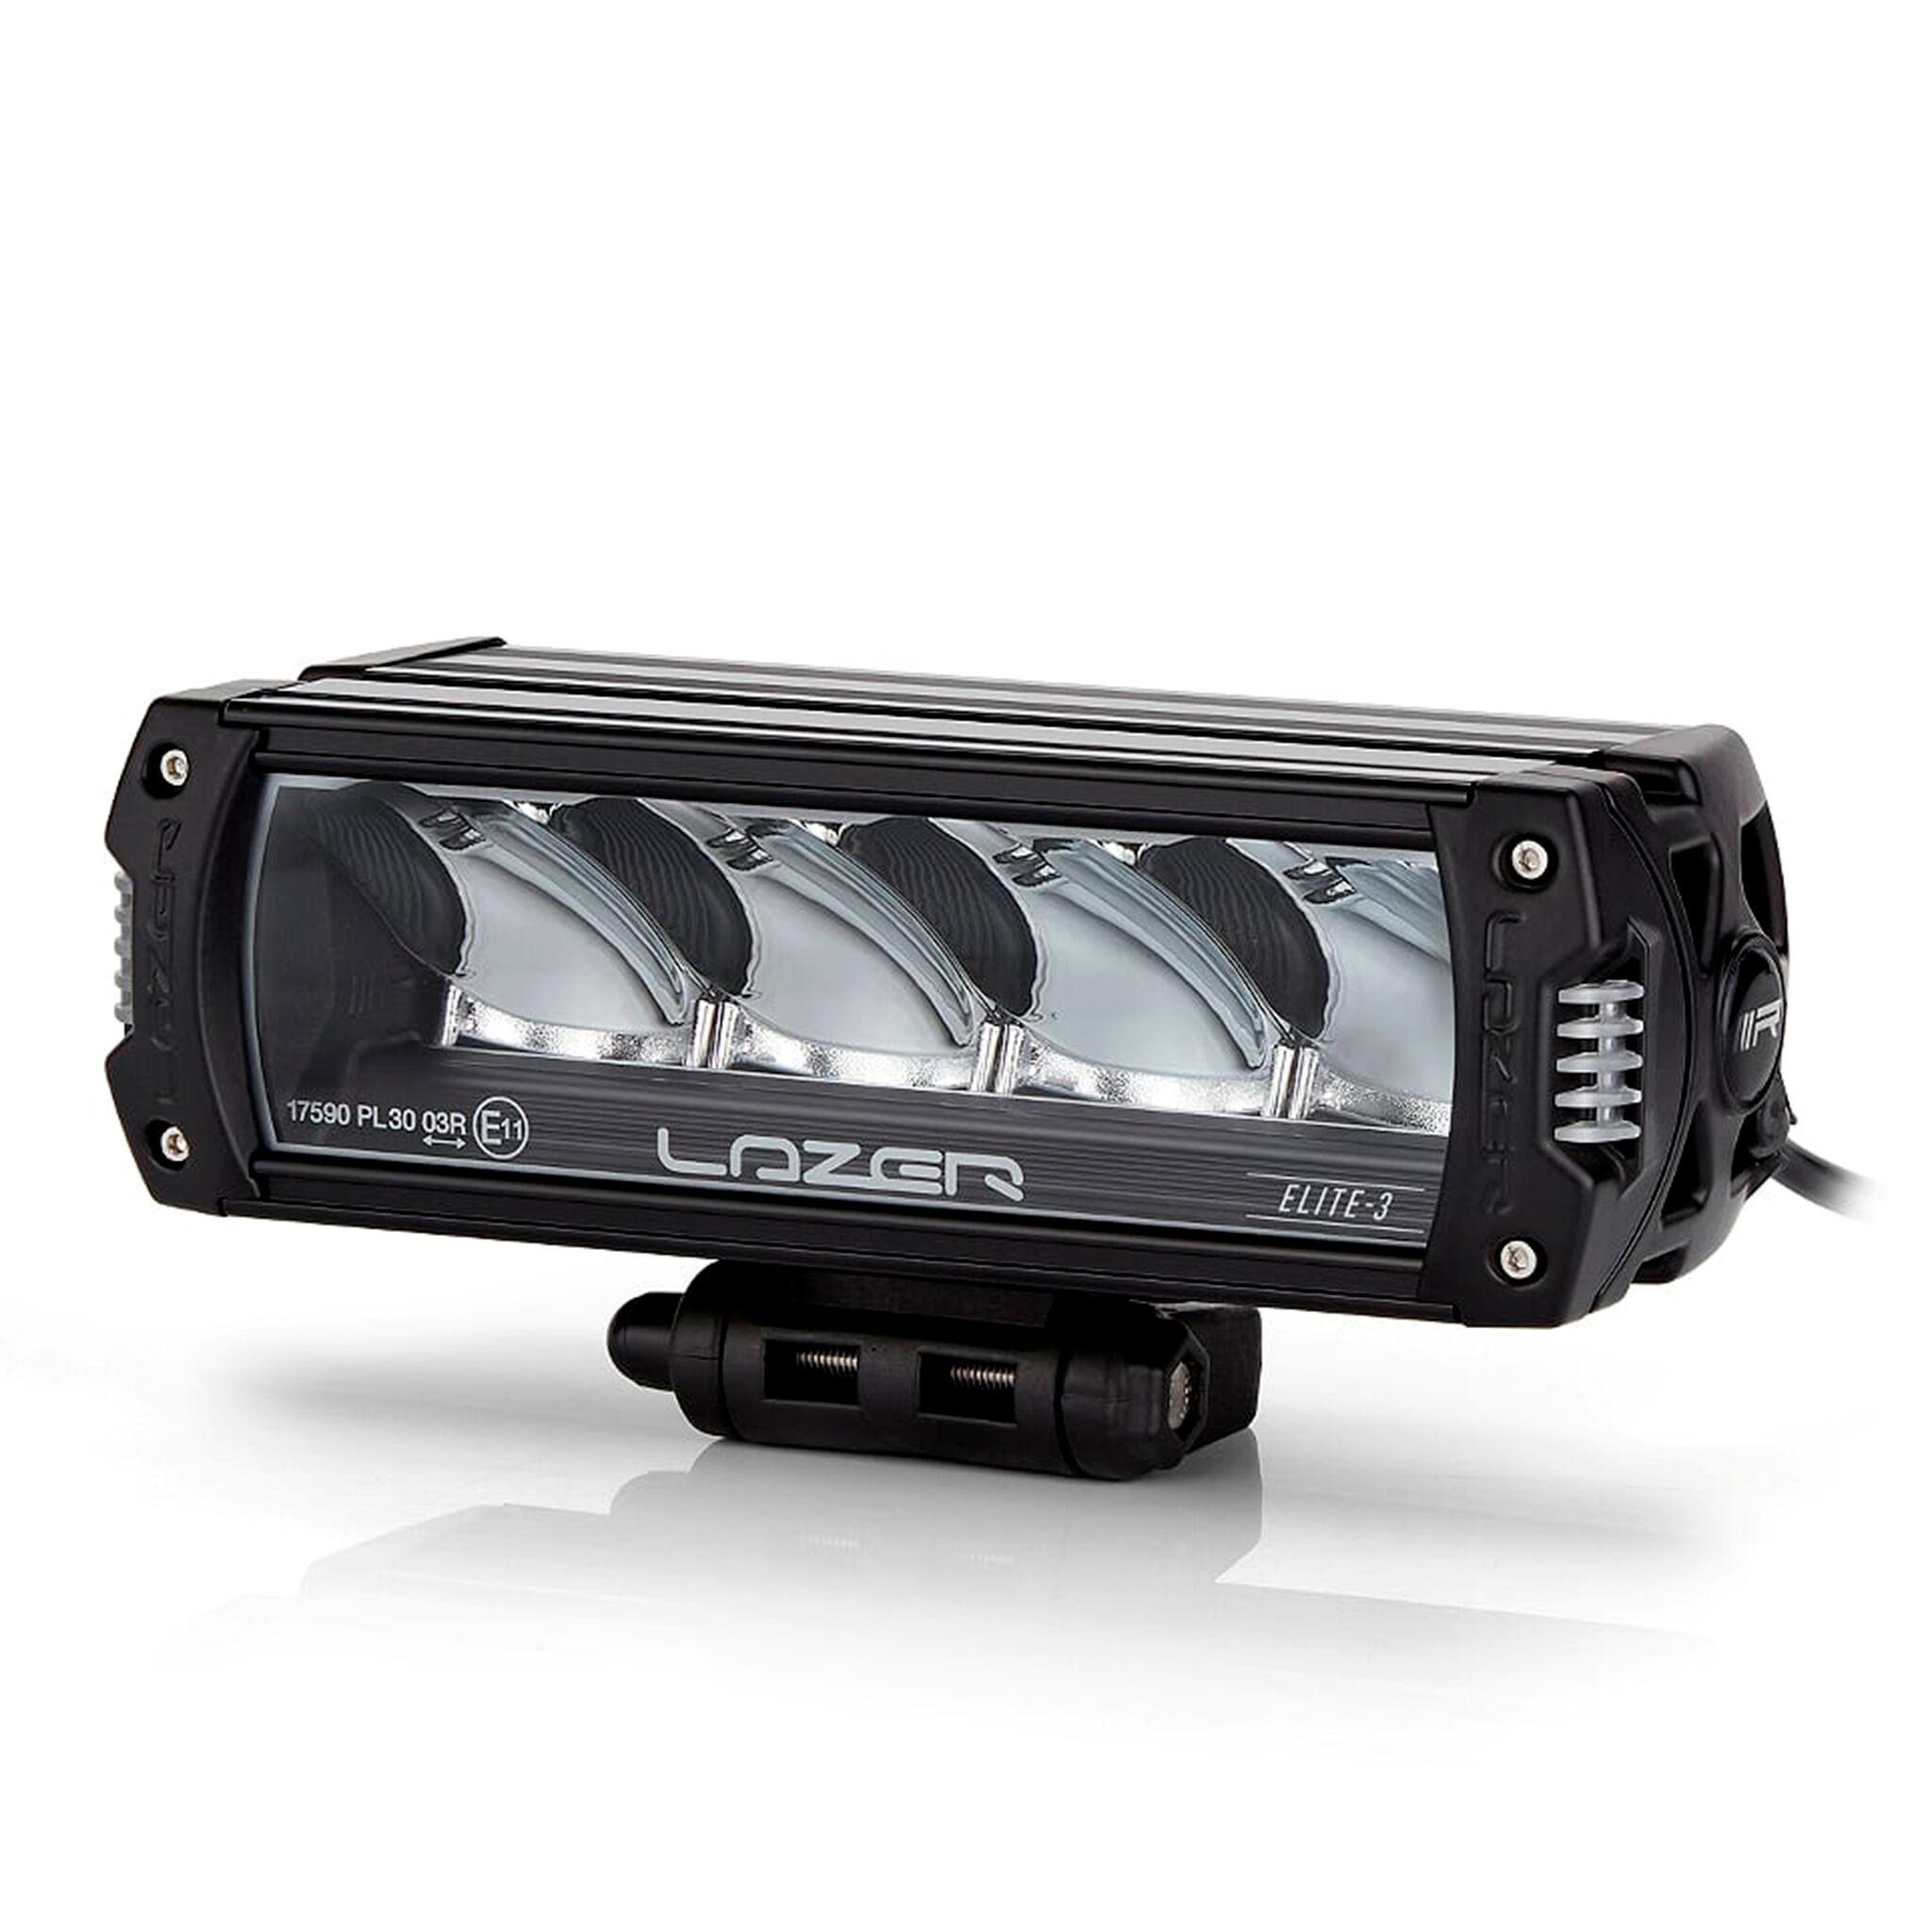 LAZER Lisävalo Lazer Triple-R 750 Elite 3 - Suora / 22 cm / 46W / Ref. 37.5, 1 kpl